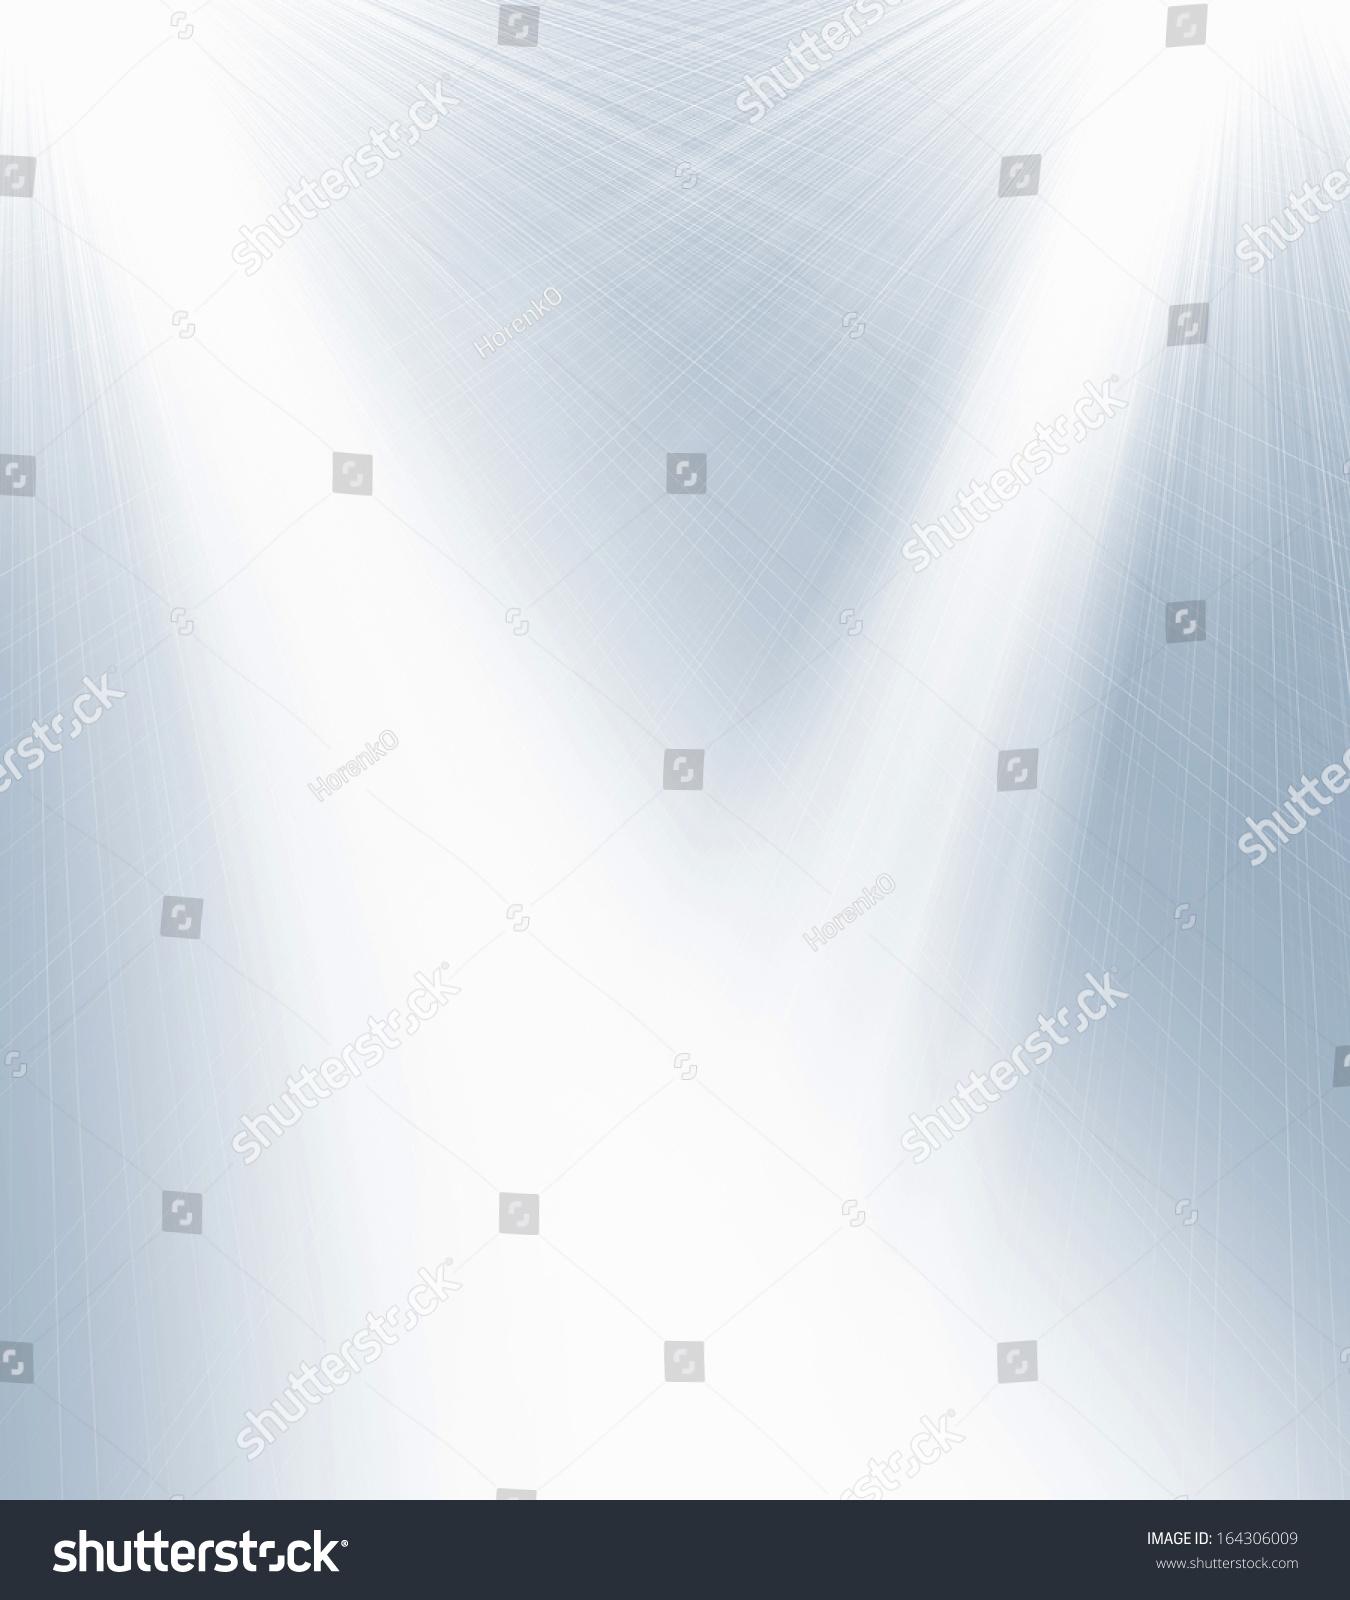 聚光灯黑白照明设备-背景/素材,复古风格-海洛创意()